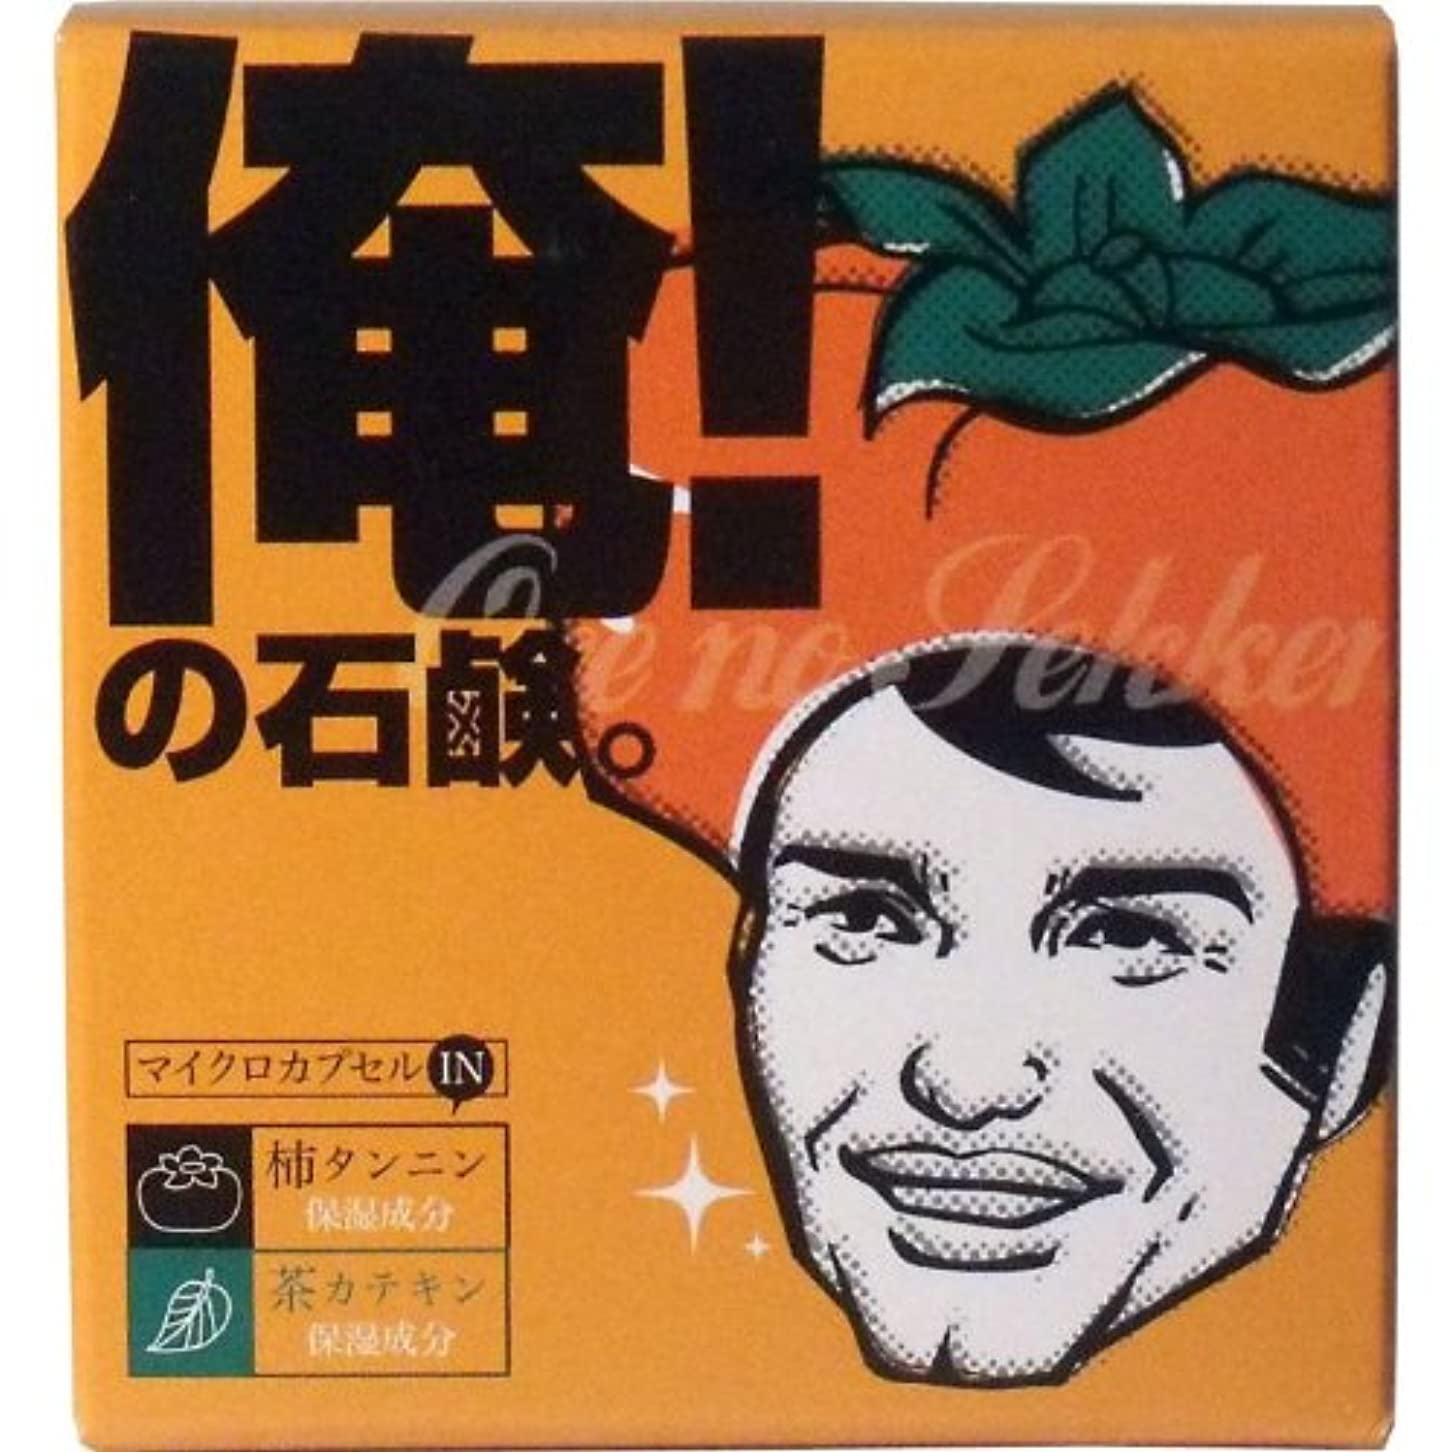 その他男性天気茶カテキン! 柿タンニン! をダブル配合!石鹸